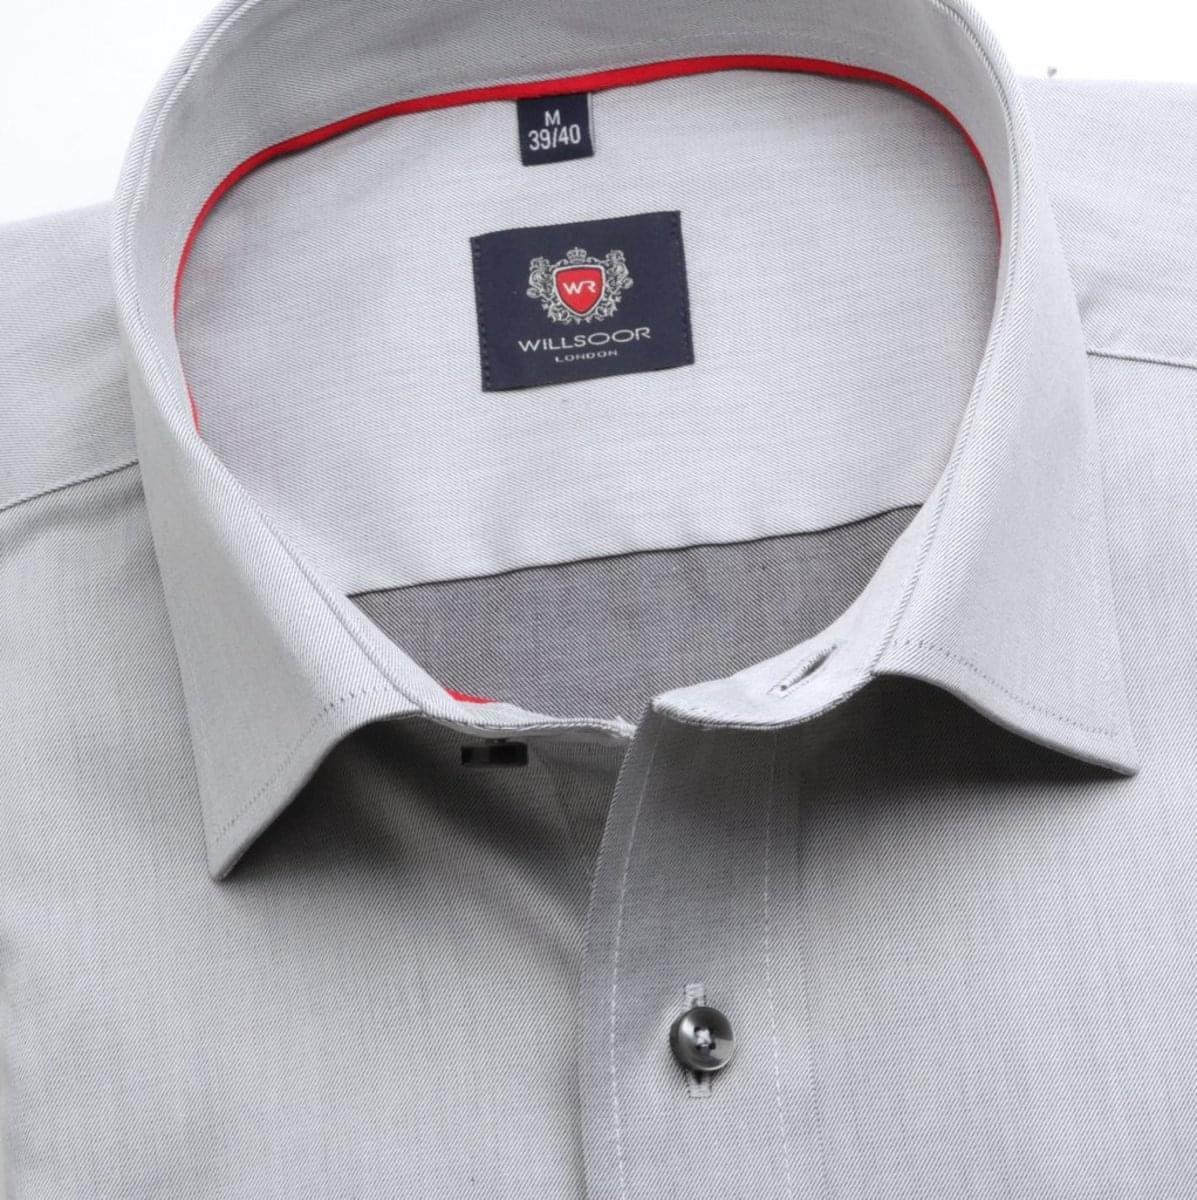 Pánska klasická košeľa London (výška 188-194) 6756 v šedé farbe s formulou Easy Care 188-194 / XL (43/44)